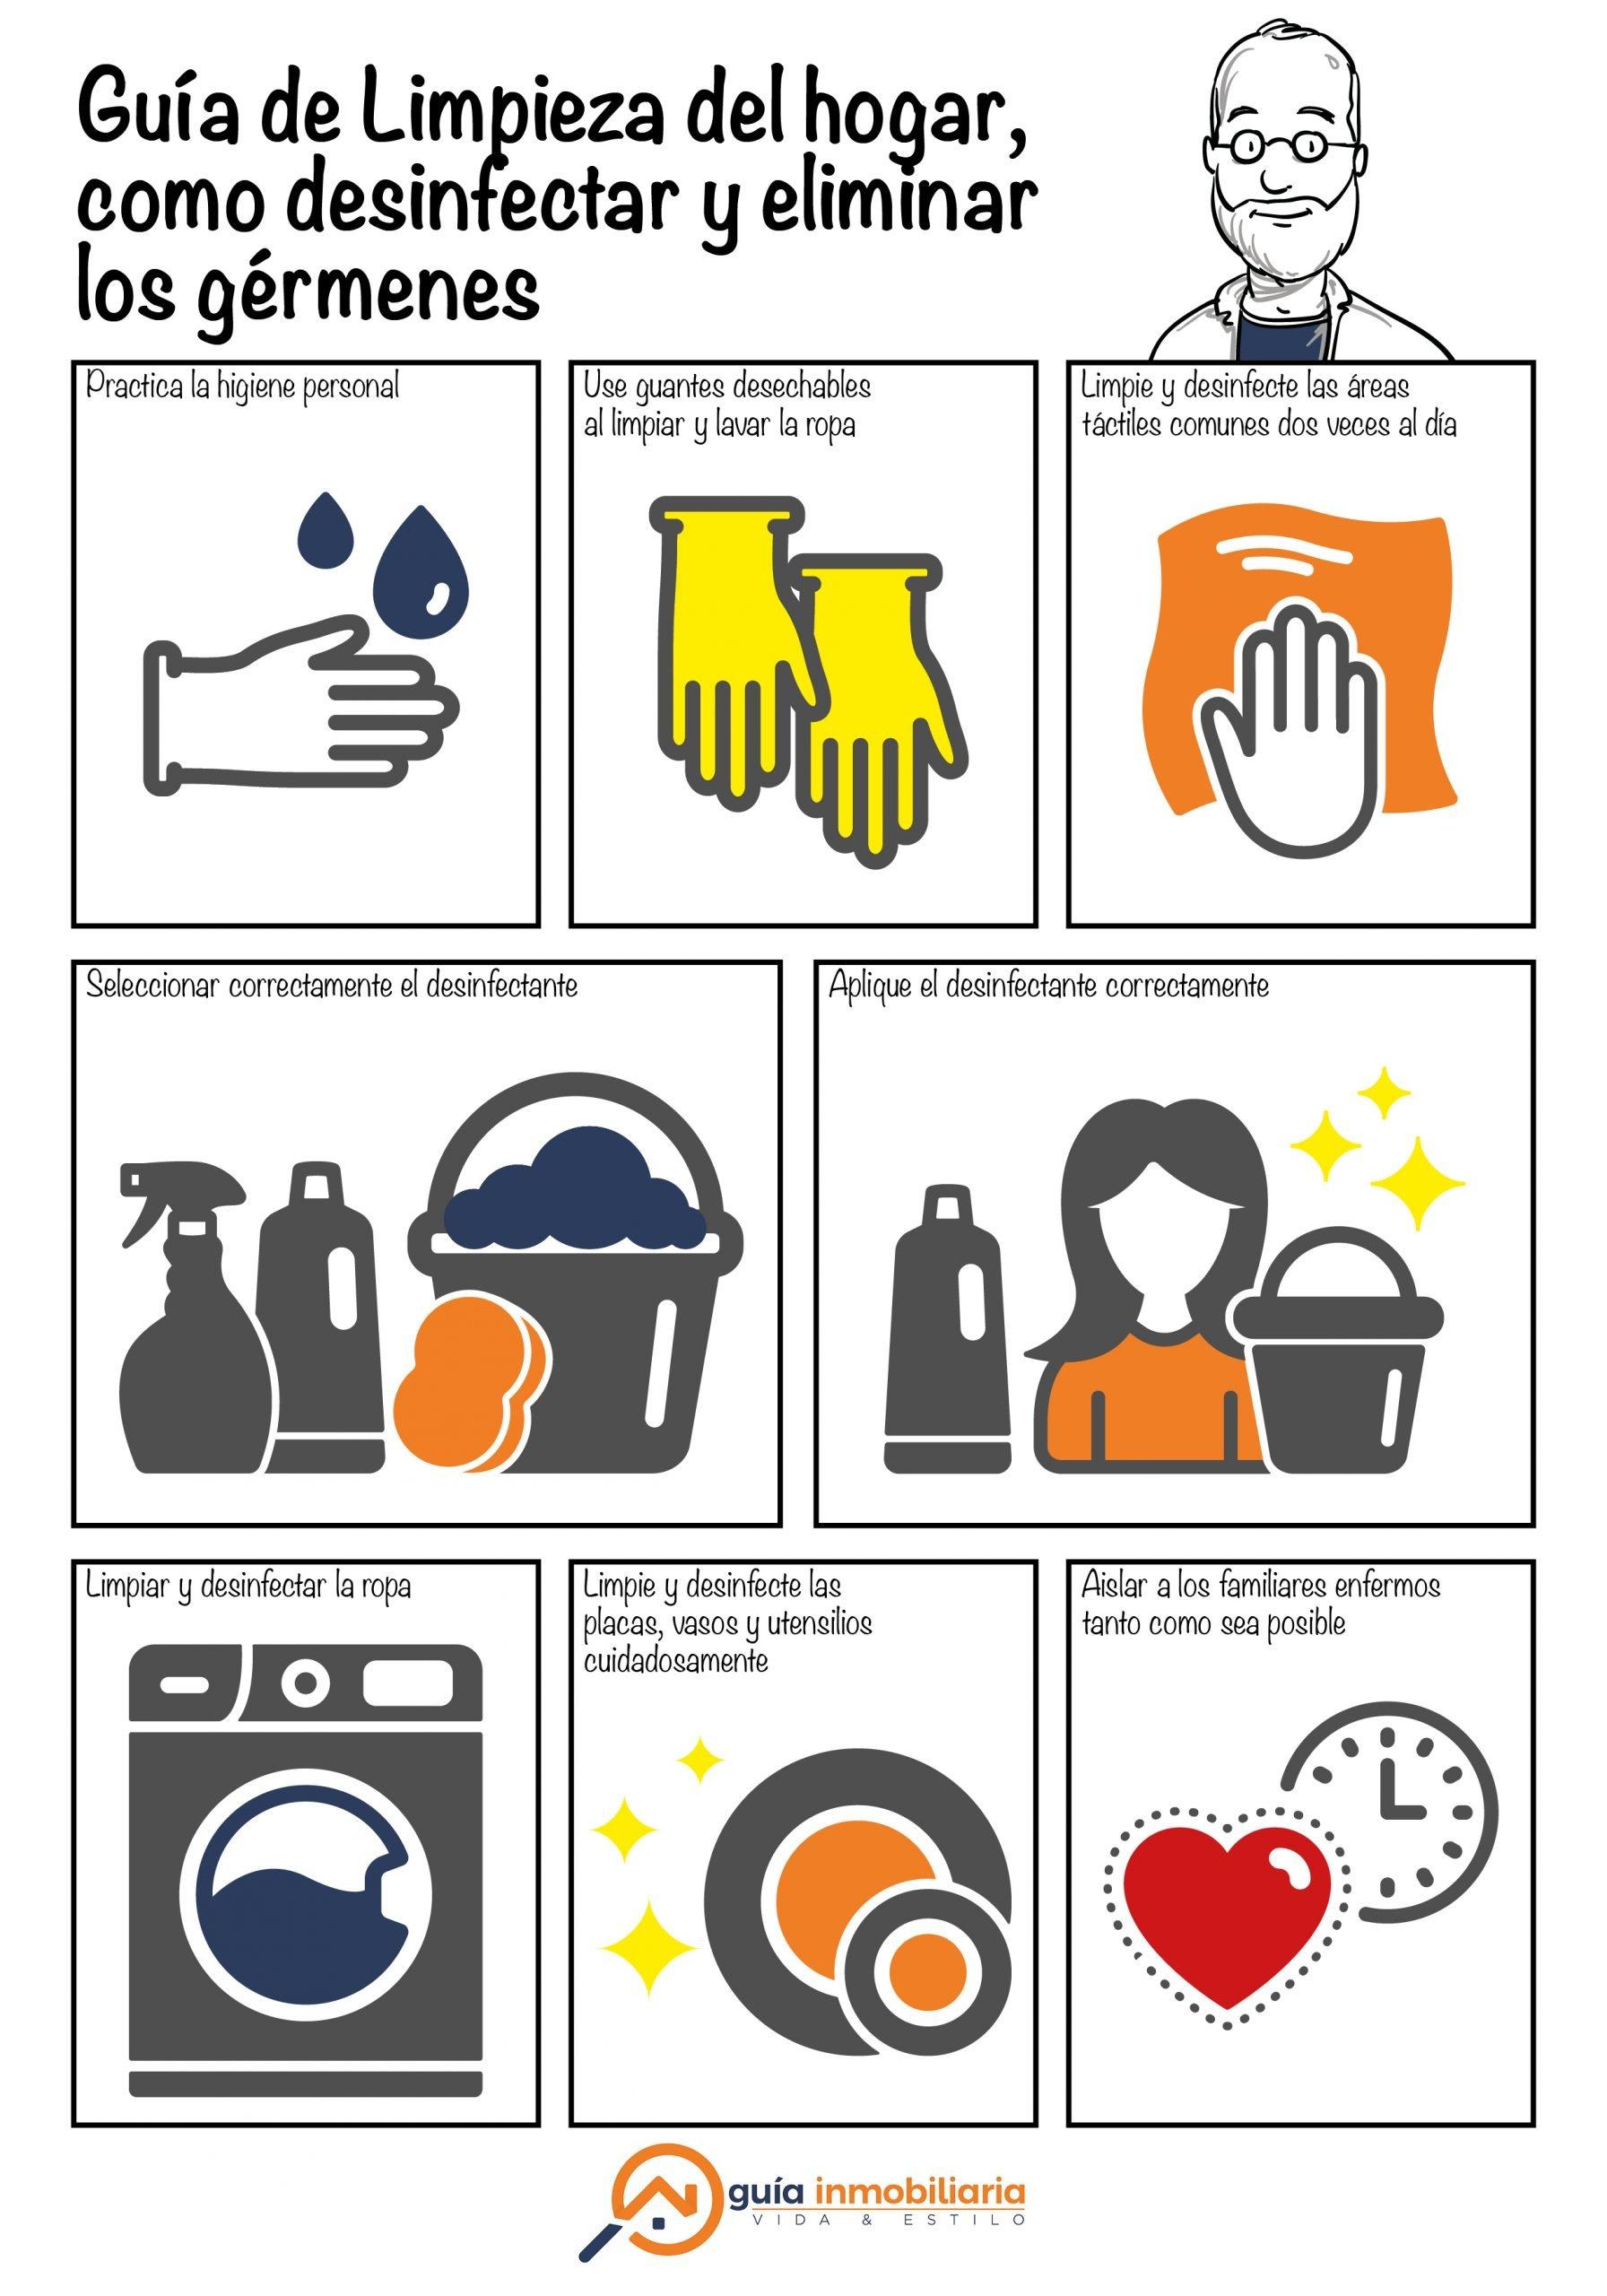 Guía de limpieza del hogar, como desinfectar y eliminar los gérmenes